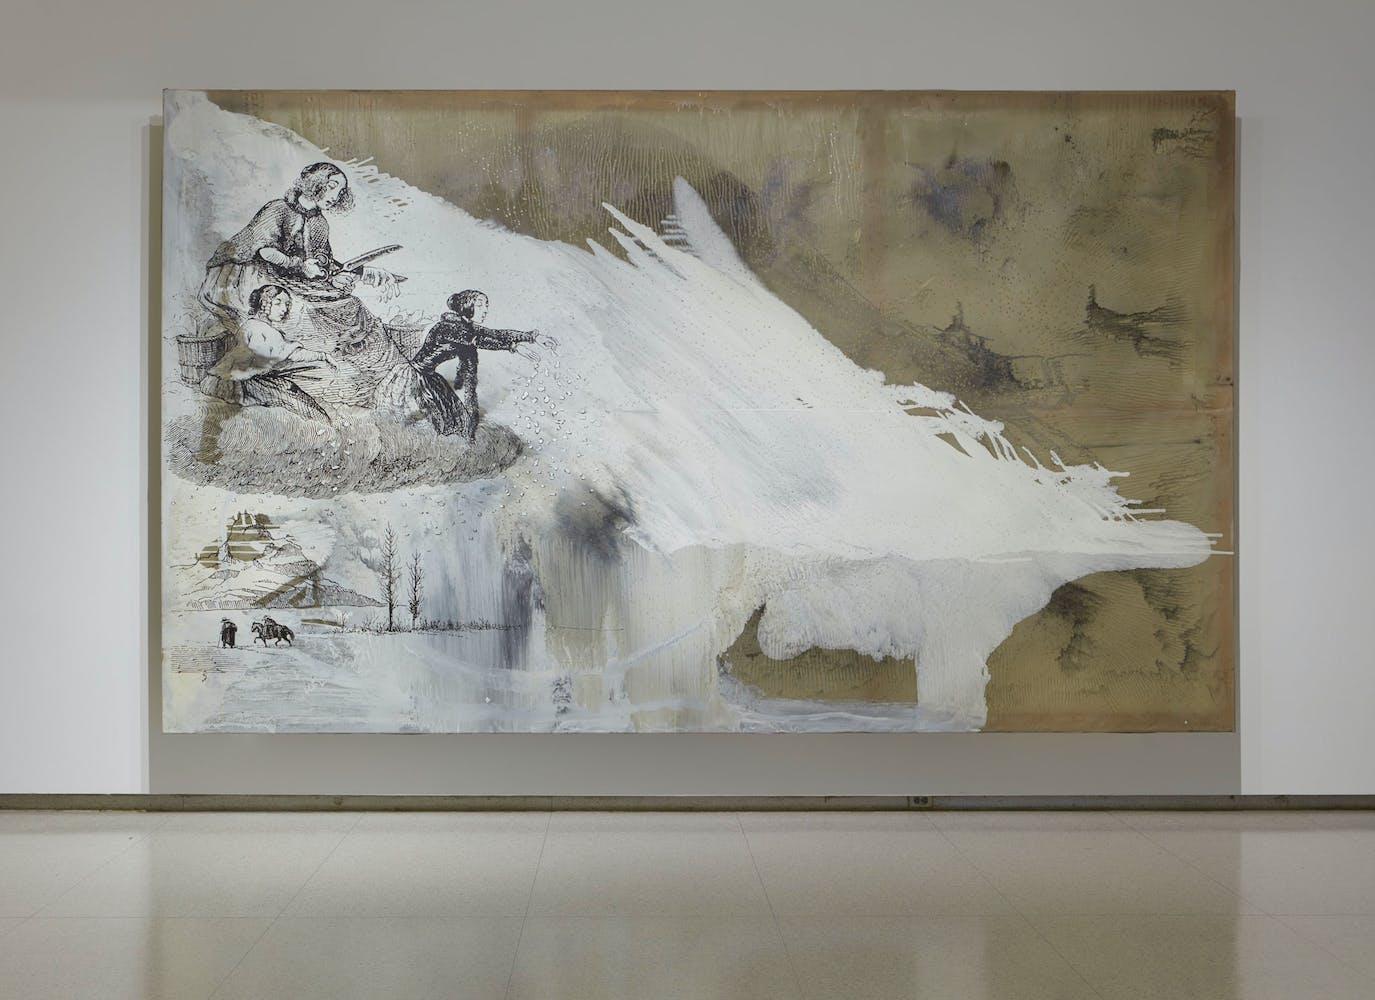 View of the exhibition Less Than One, 2016; Sigmar Polke, Frau Herbst und ihre zwei Tochter, 1991 (Photo: Gene Pittman, ©Walker Art Center)